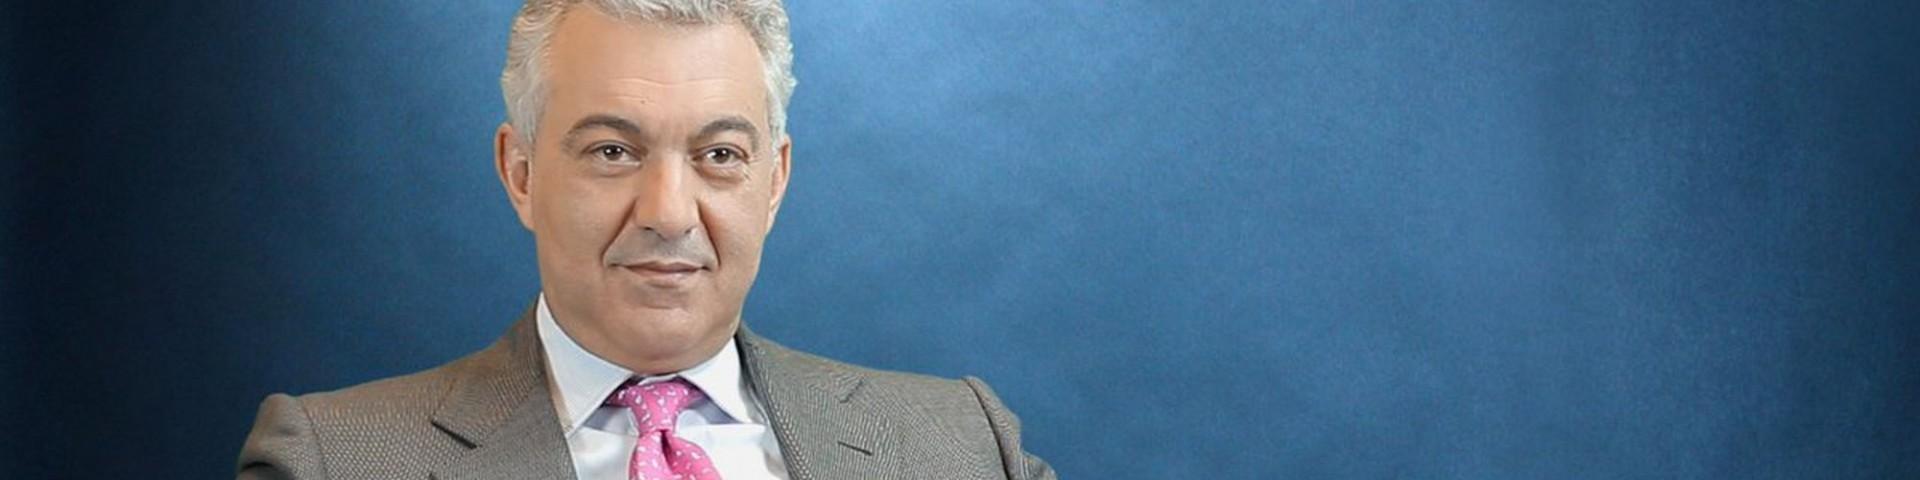 Chi è Domenico Arcuri, il super-commisario nominato dal Premier Conte